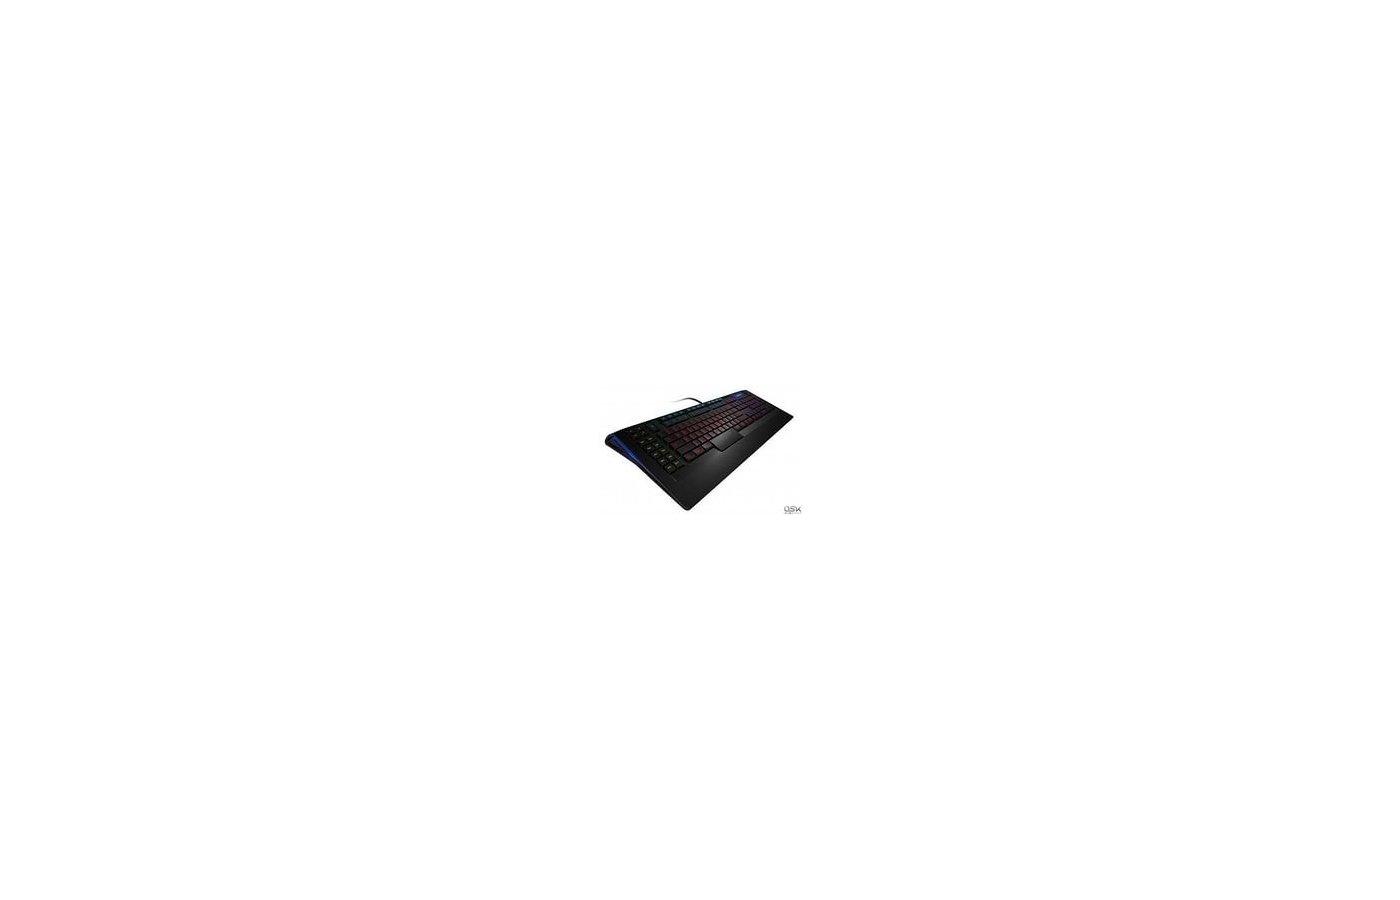 Клавиатура проводная Steelseries APEX черный USB Multimedia Gamer LED